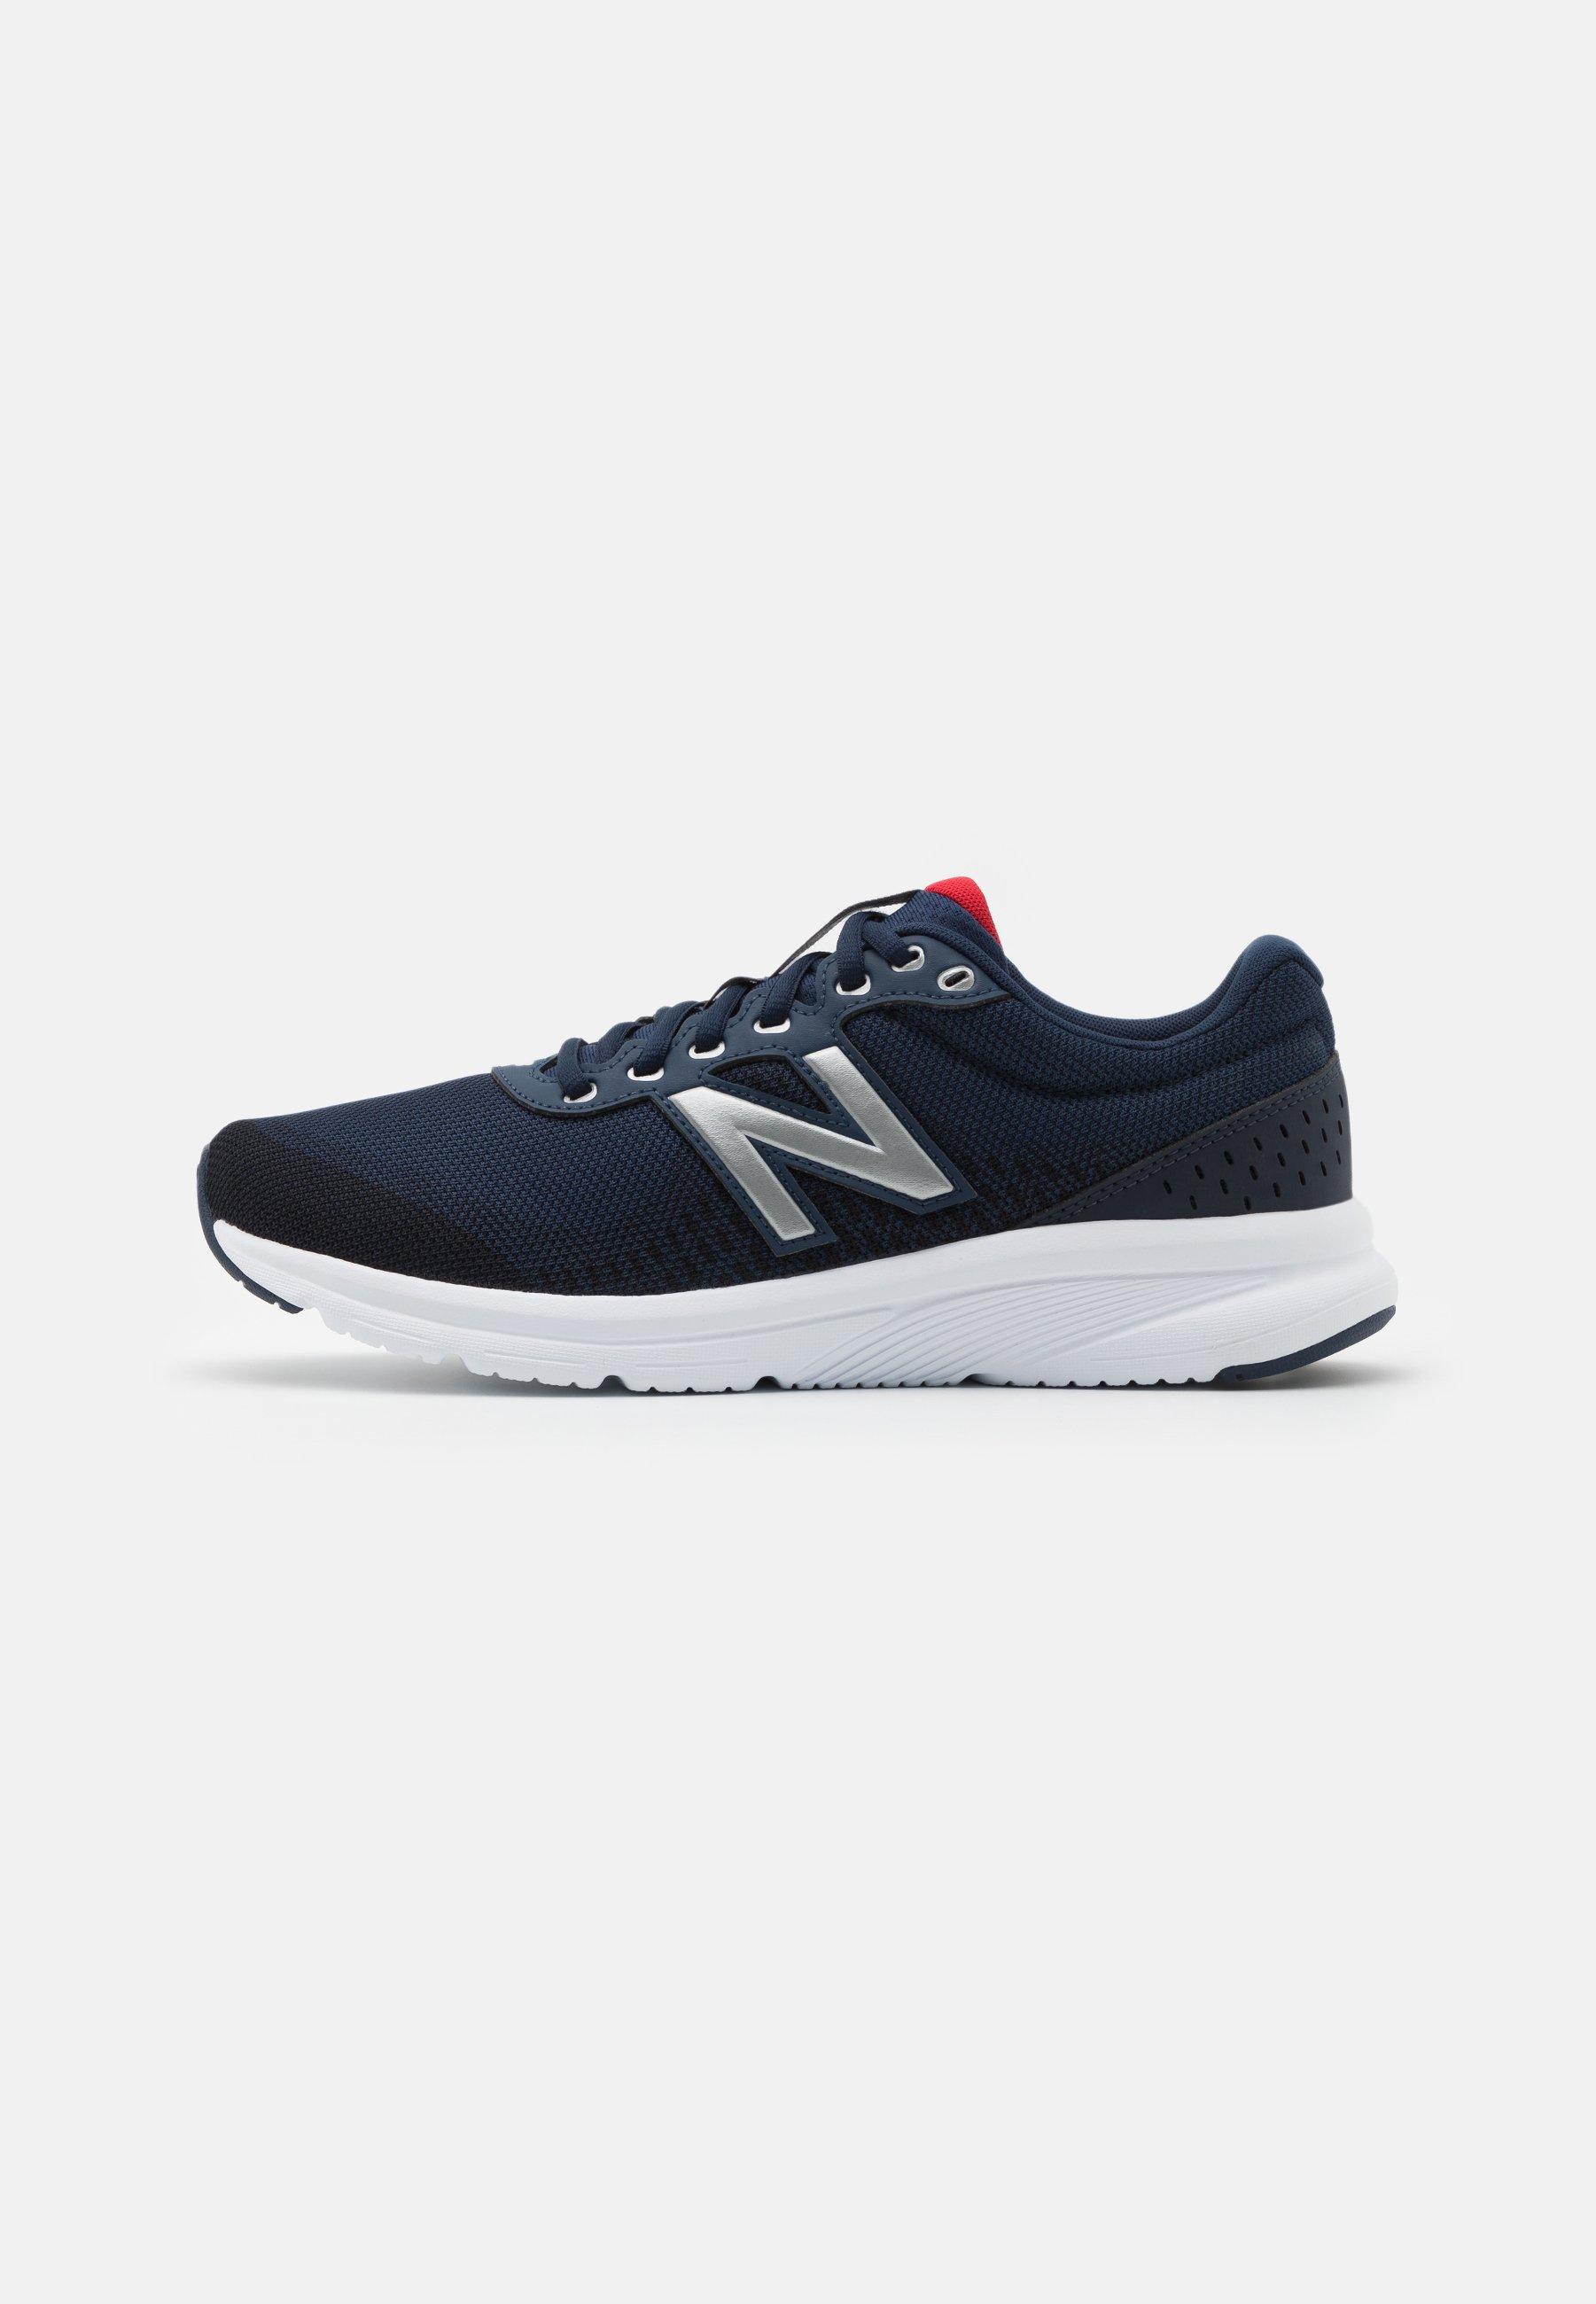 scarpe new balance nere